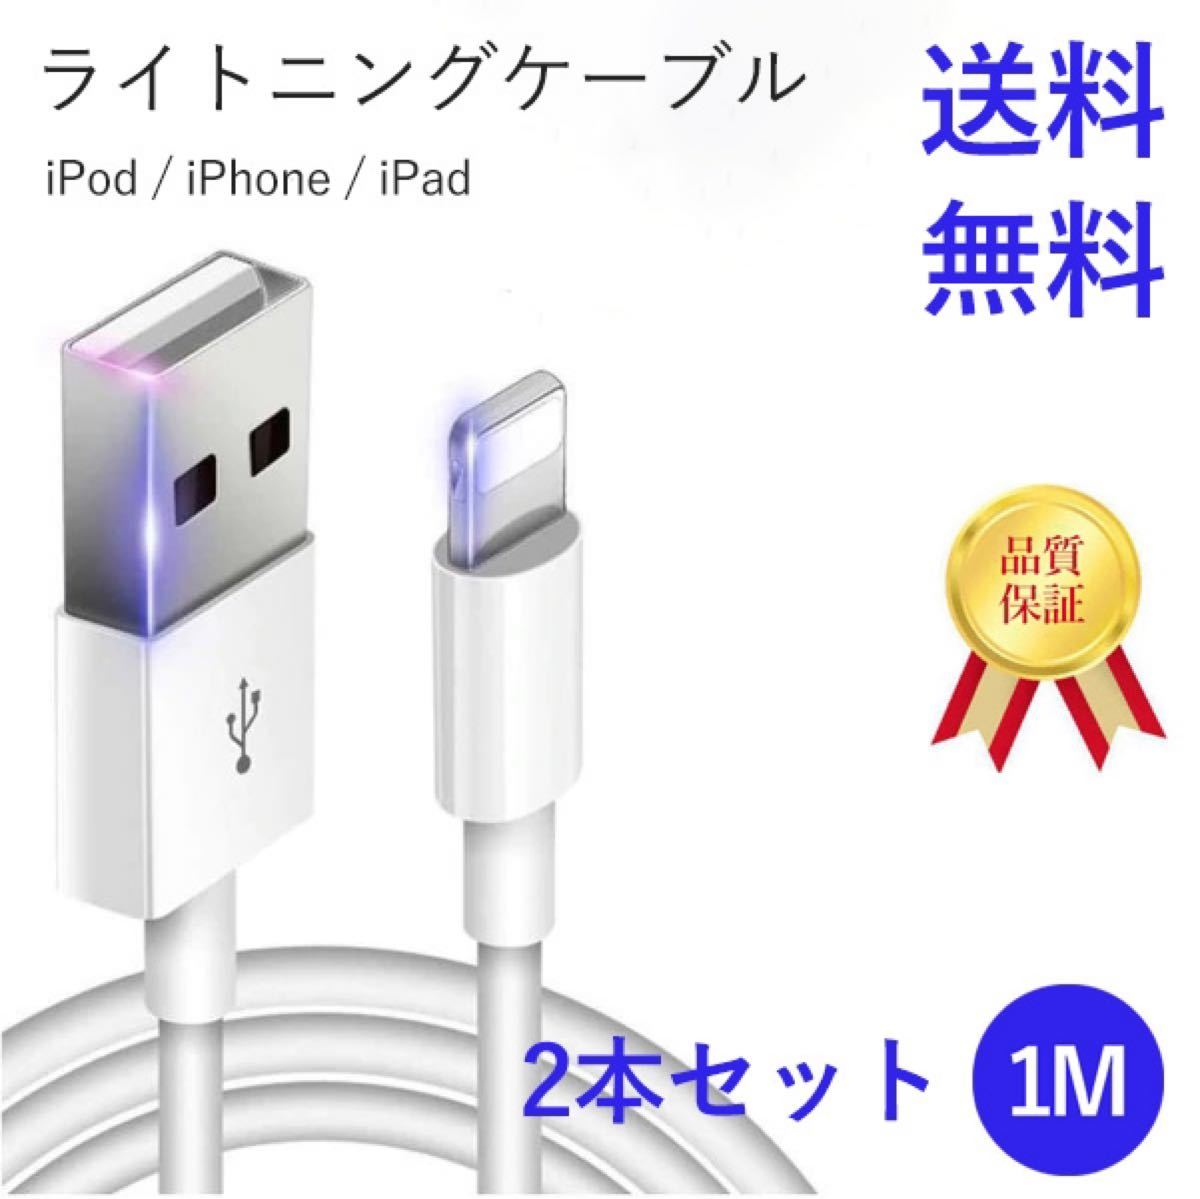 iPhone 充電器 ライトニングケーブル 2m 2点セット 純正品質 送料無料 Lightning データ転送 ケーブル